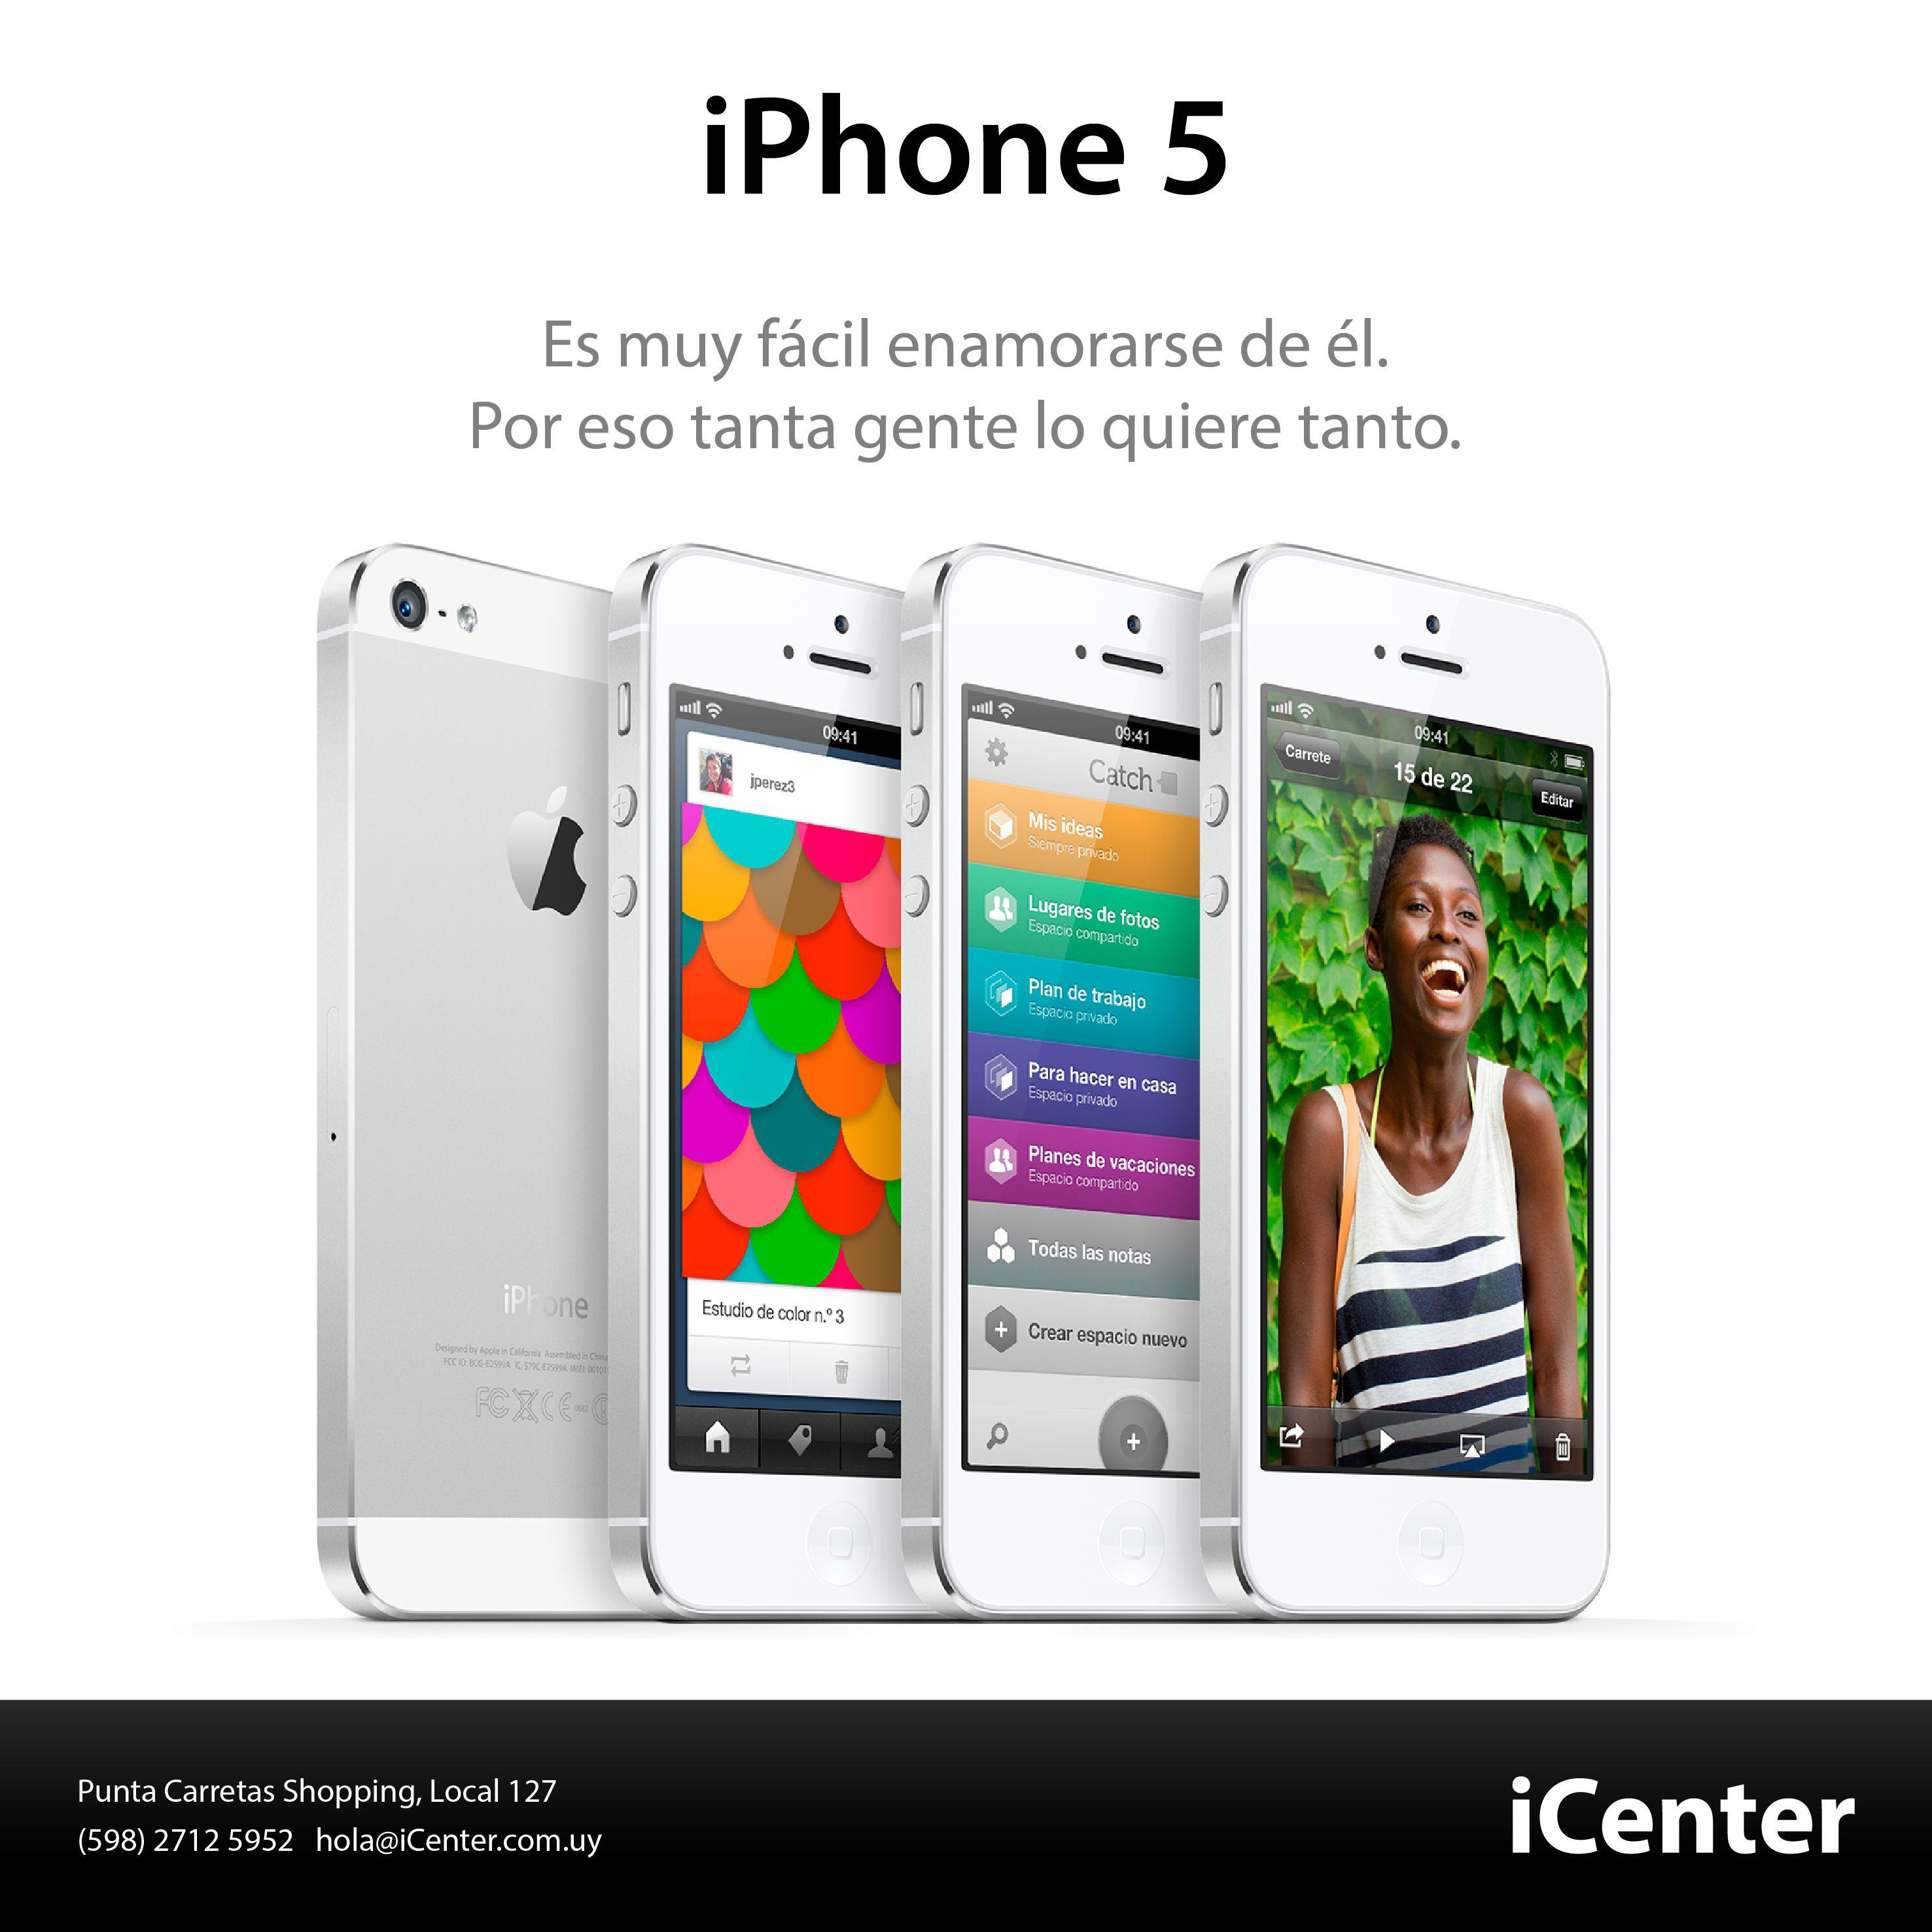 iPhone 5. Las personas que tienen un iPhone lo aman, no